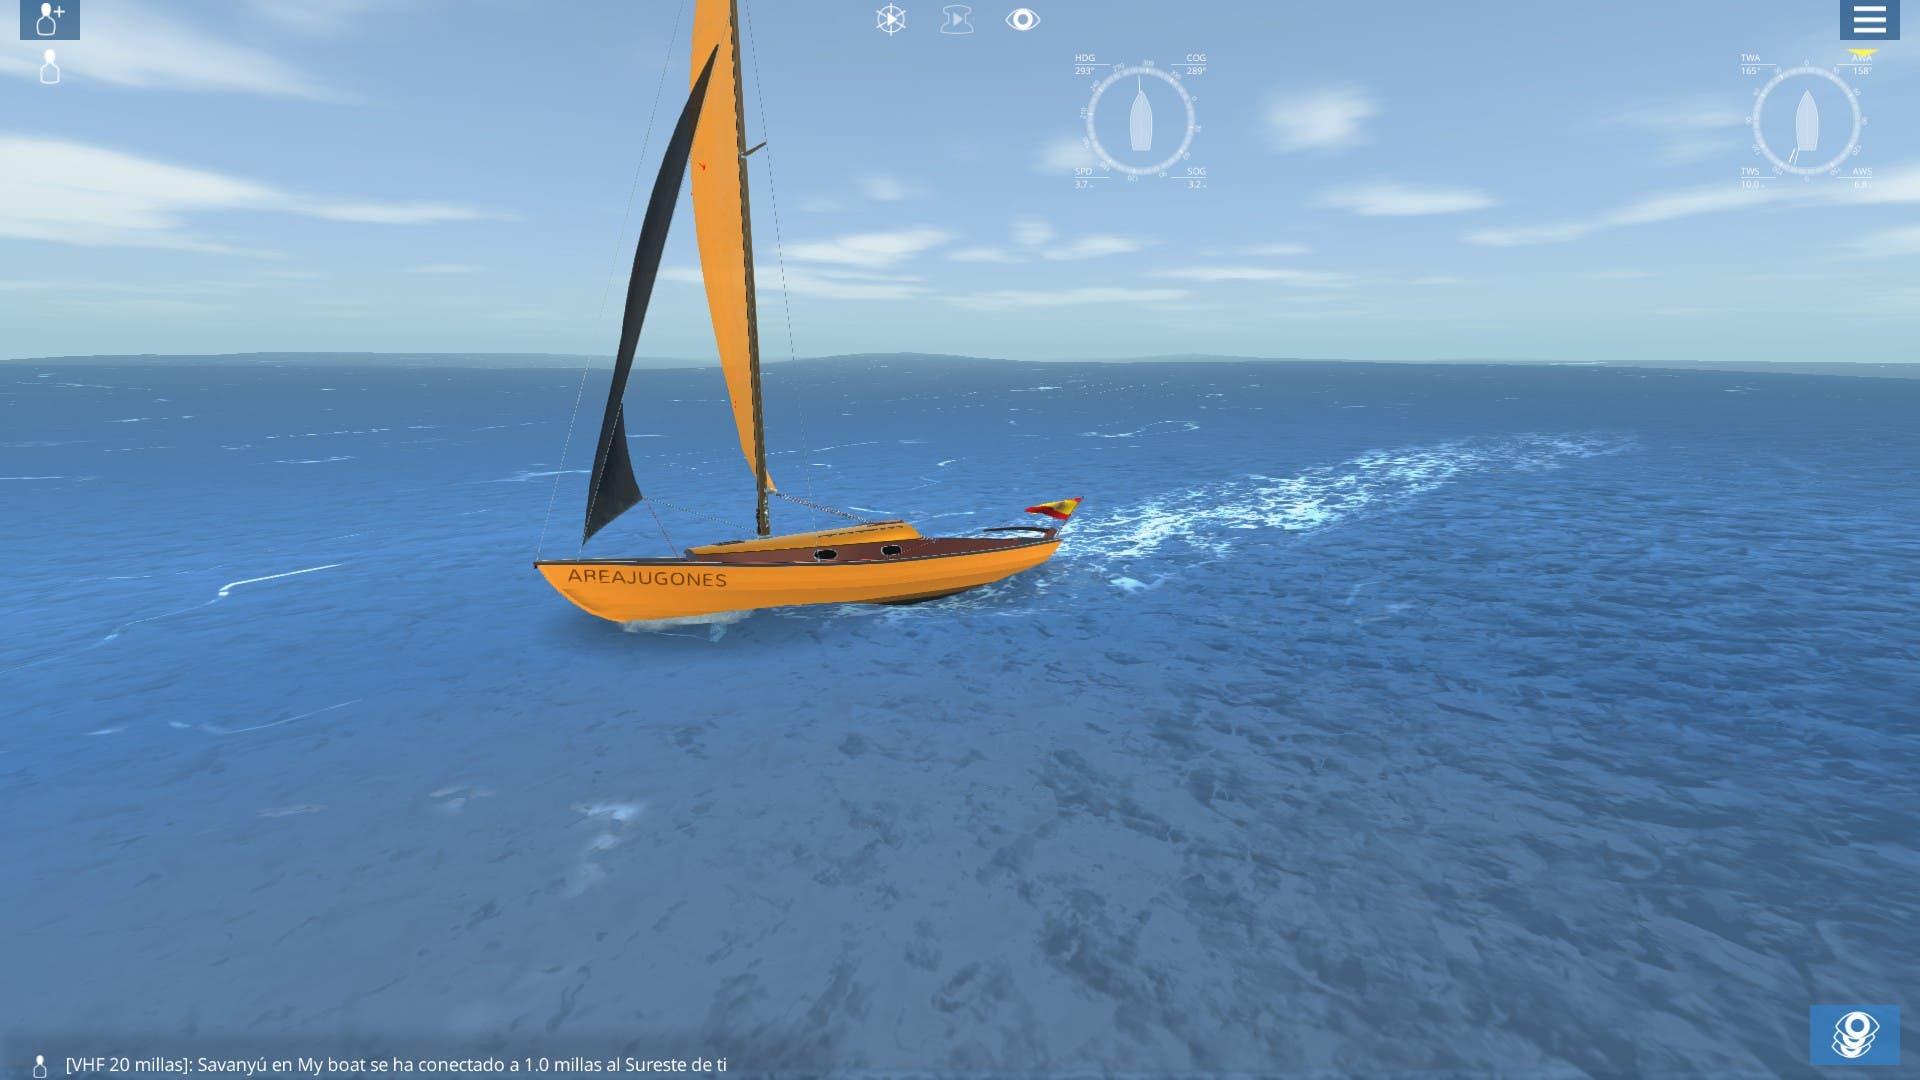 Análisis Sailaway: The Sailing Simulator